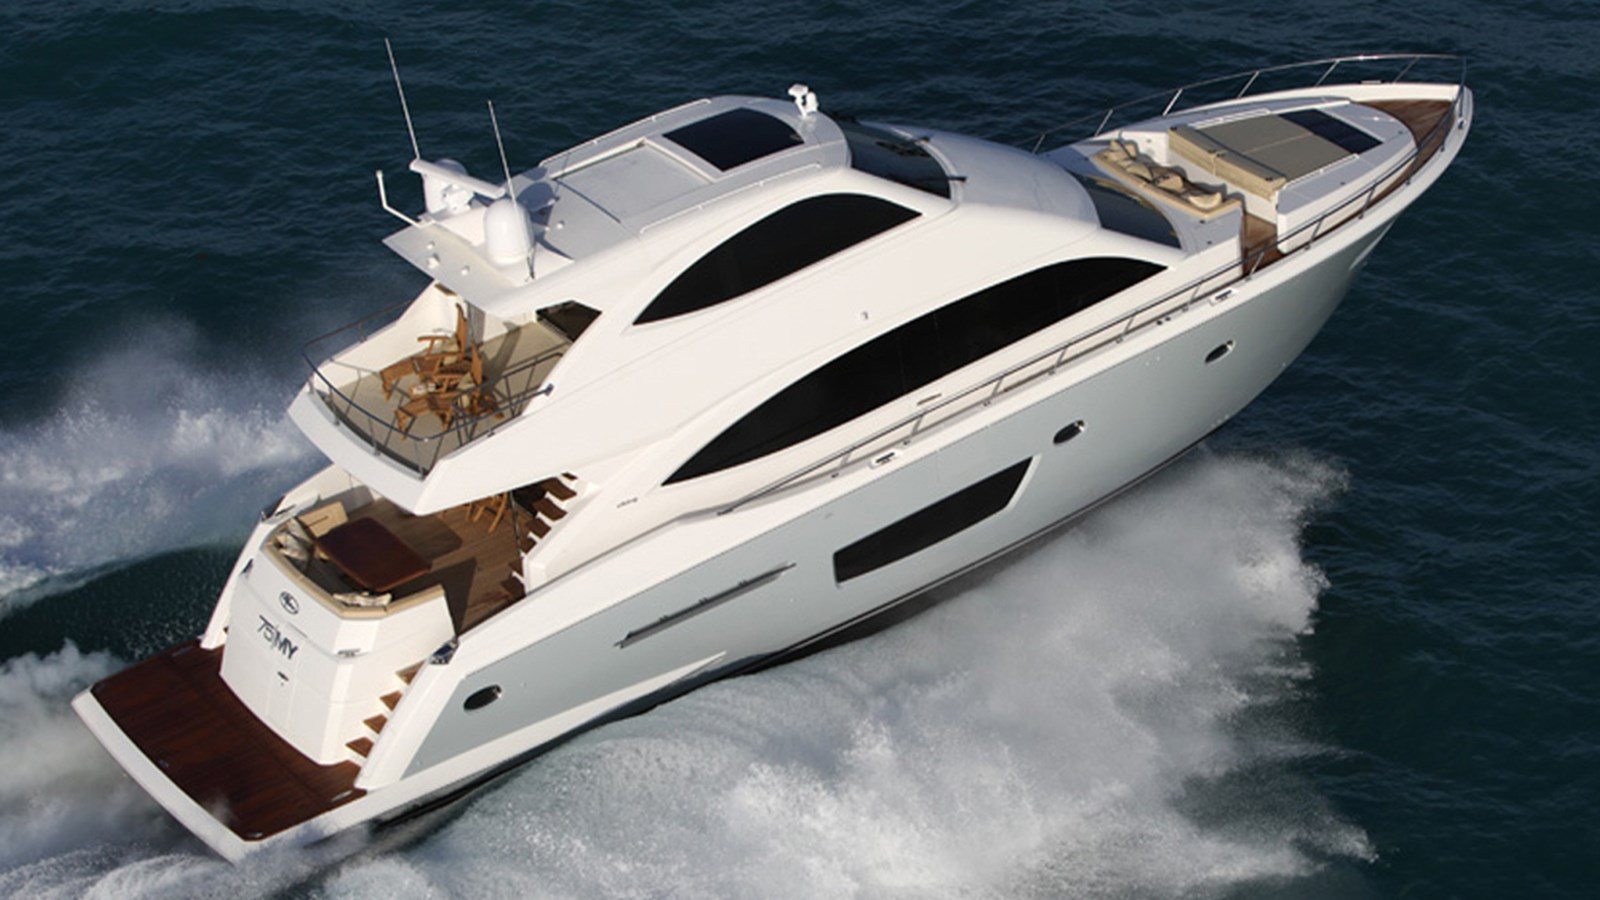 2018 VIKING 75 Motor Yacht (VK75-507) For Sale